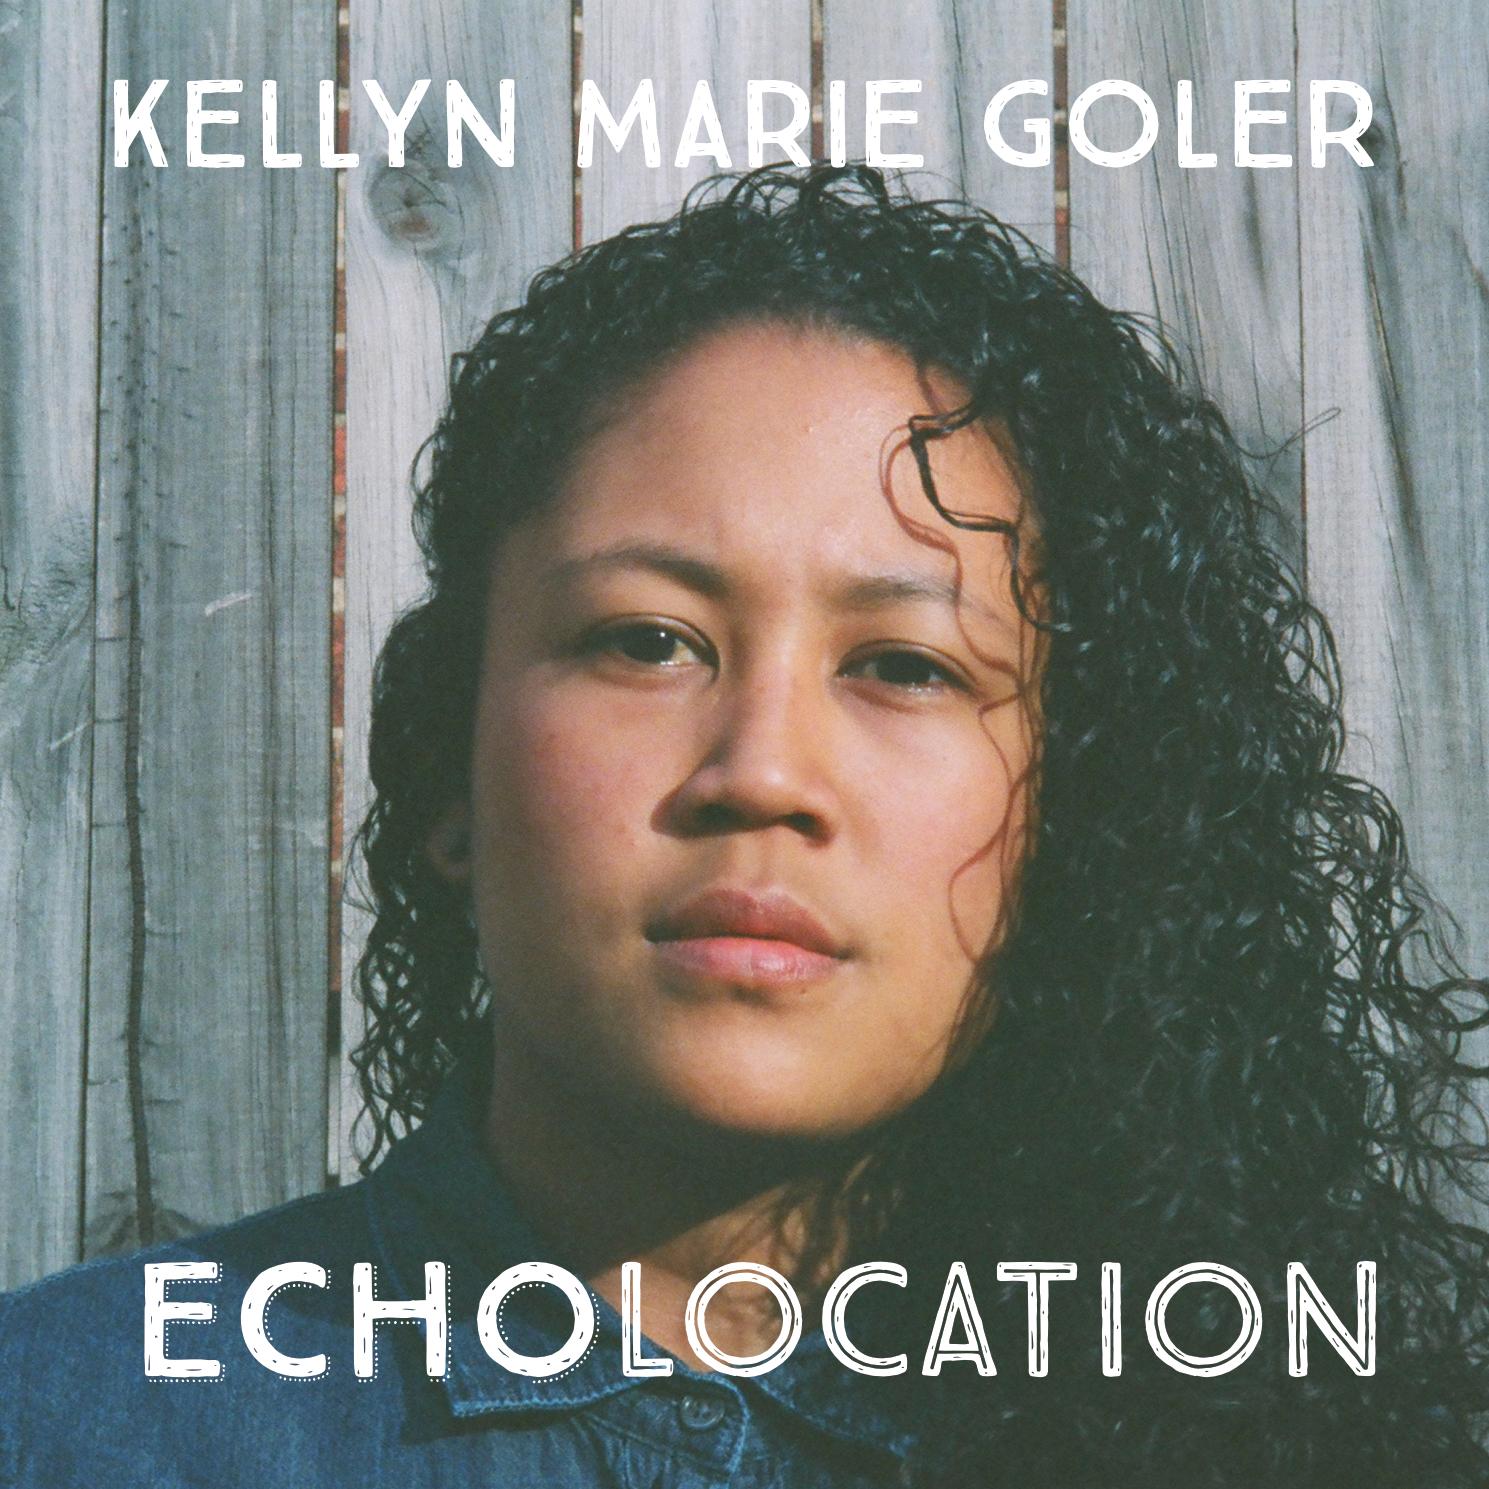 Echolocation Album Art Cover Only v2 9-22-2015.jpg